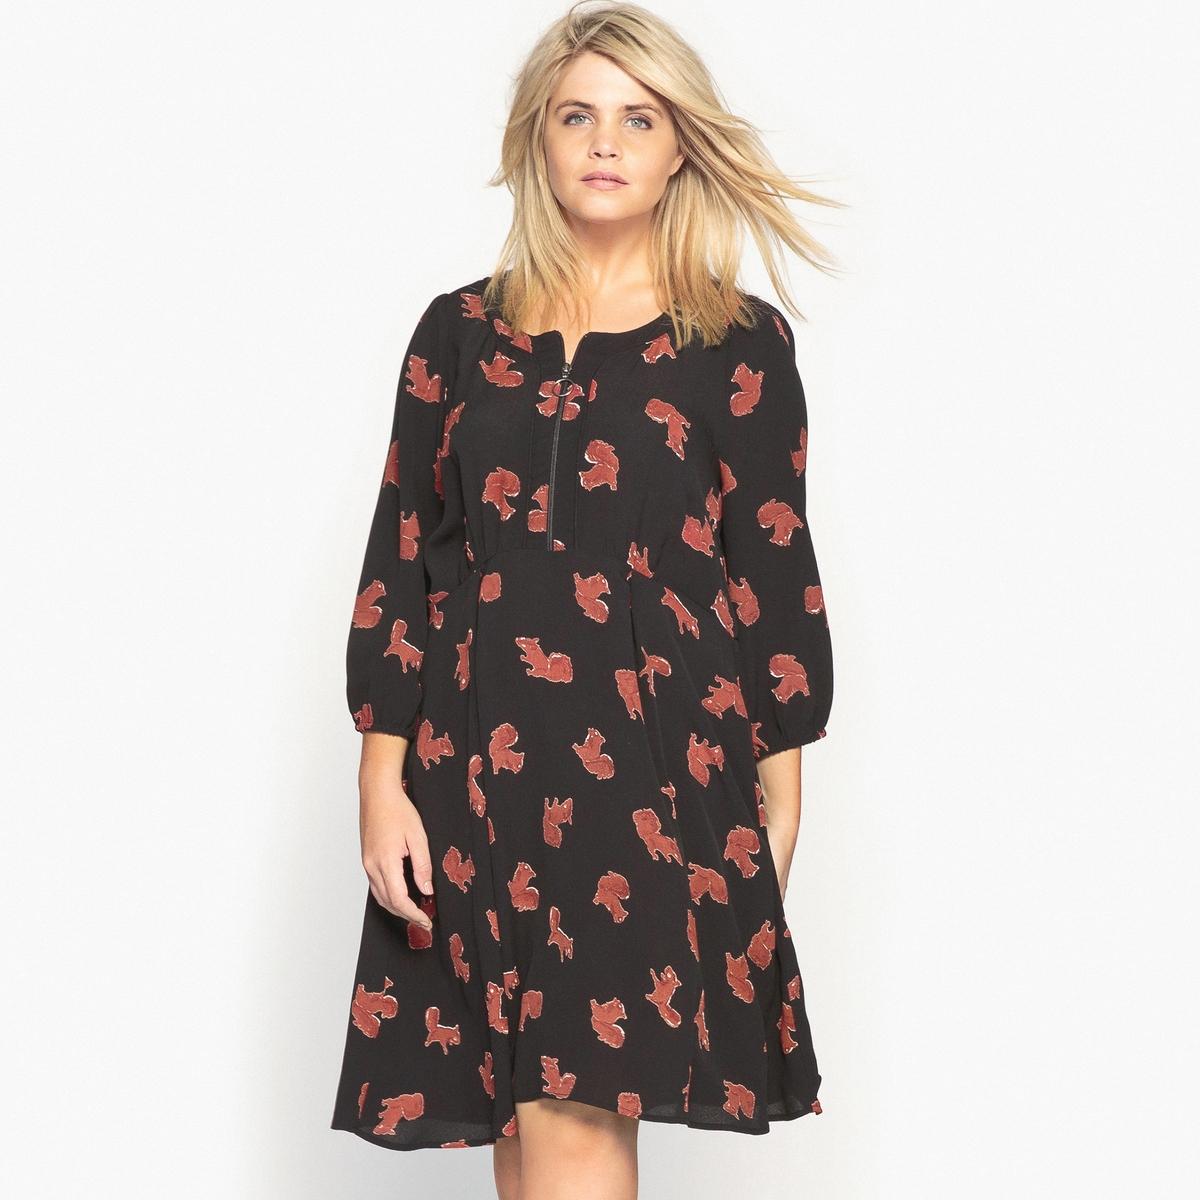 Платье средней длины с рисунком, расширяющееся книзуКрасивое платье с рисунком белочки . Расклешенный покрой, вырез на молнии, в этом платье есть все, чтобы вам нравиться . Это любовь с первого взгляда ! Детали •  Форма : расклешенная •  Длина до колен •  Рукава 3/4    •  Круглый вырез •  Рисунок-принтСостав и уход •  100% вискоза •  Температура стирки 30° •  Не использовать сухую чистку / не отбеливать   •  Не использовать барабанную сушку   •  Низкая температура глажки Товар из коллекции больших размеров •  Длина  : 100,3 см<br><br>Цвет: набивной рисунок<br>Размер: 46 (FR) - 52 (RUS).56 (FR) - 62 (RUS)